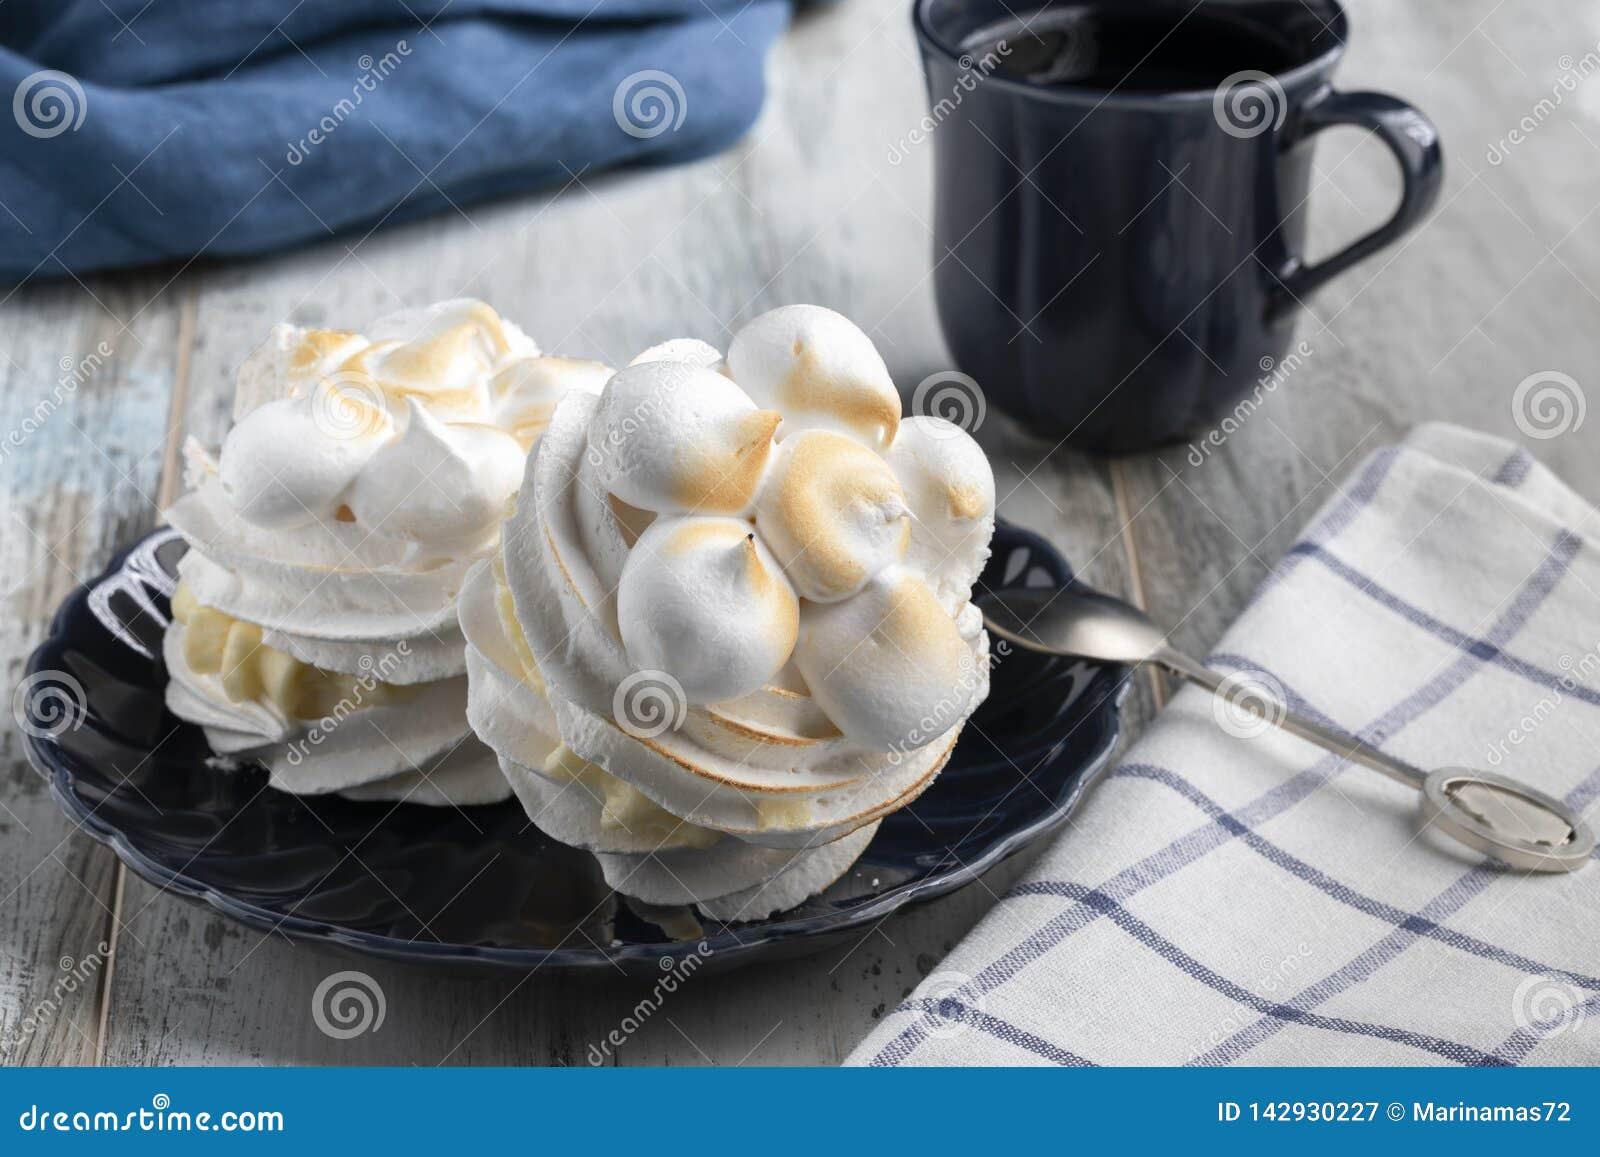 Pavlova meringue desert